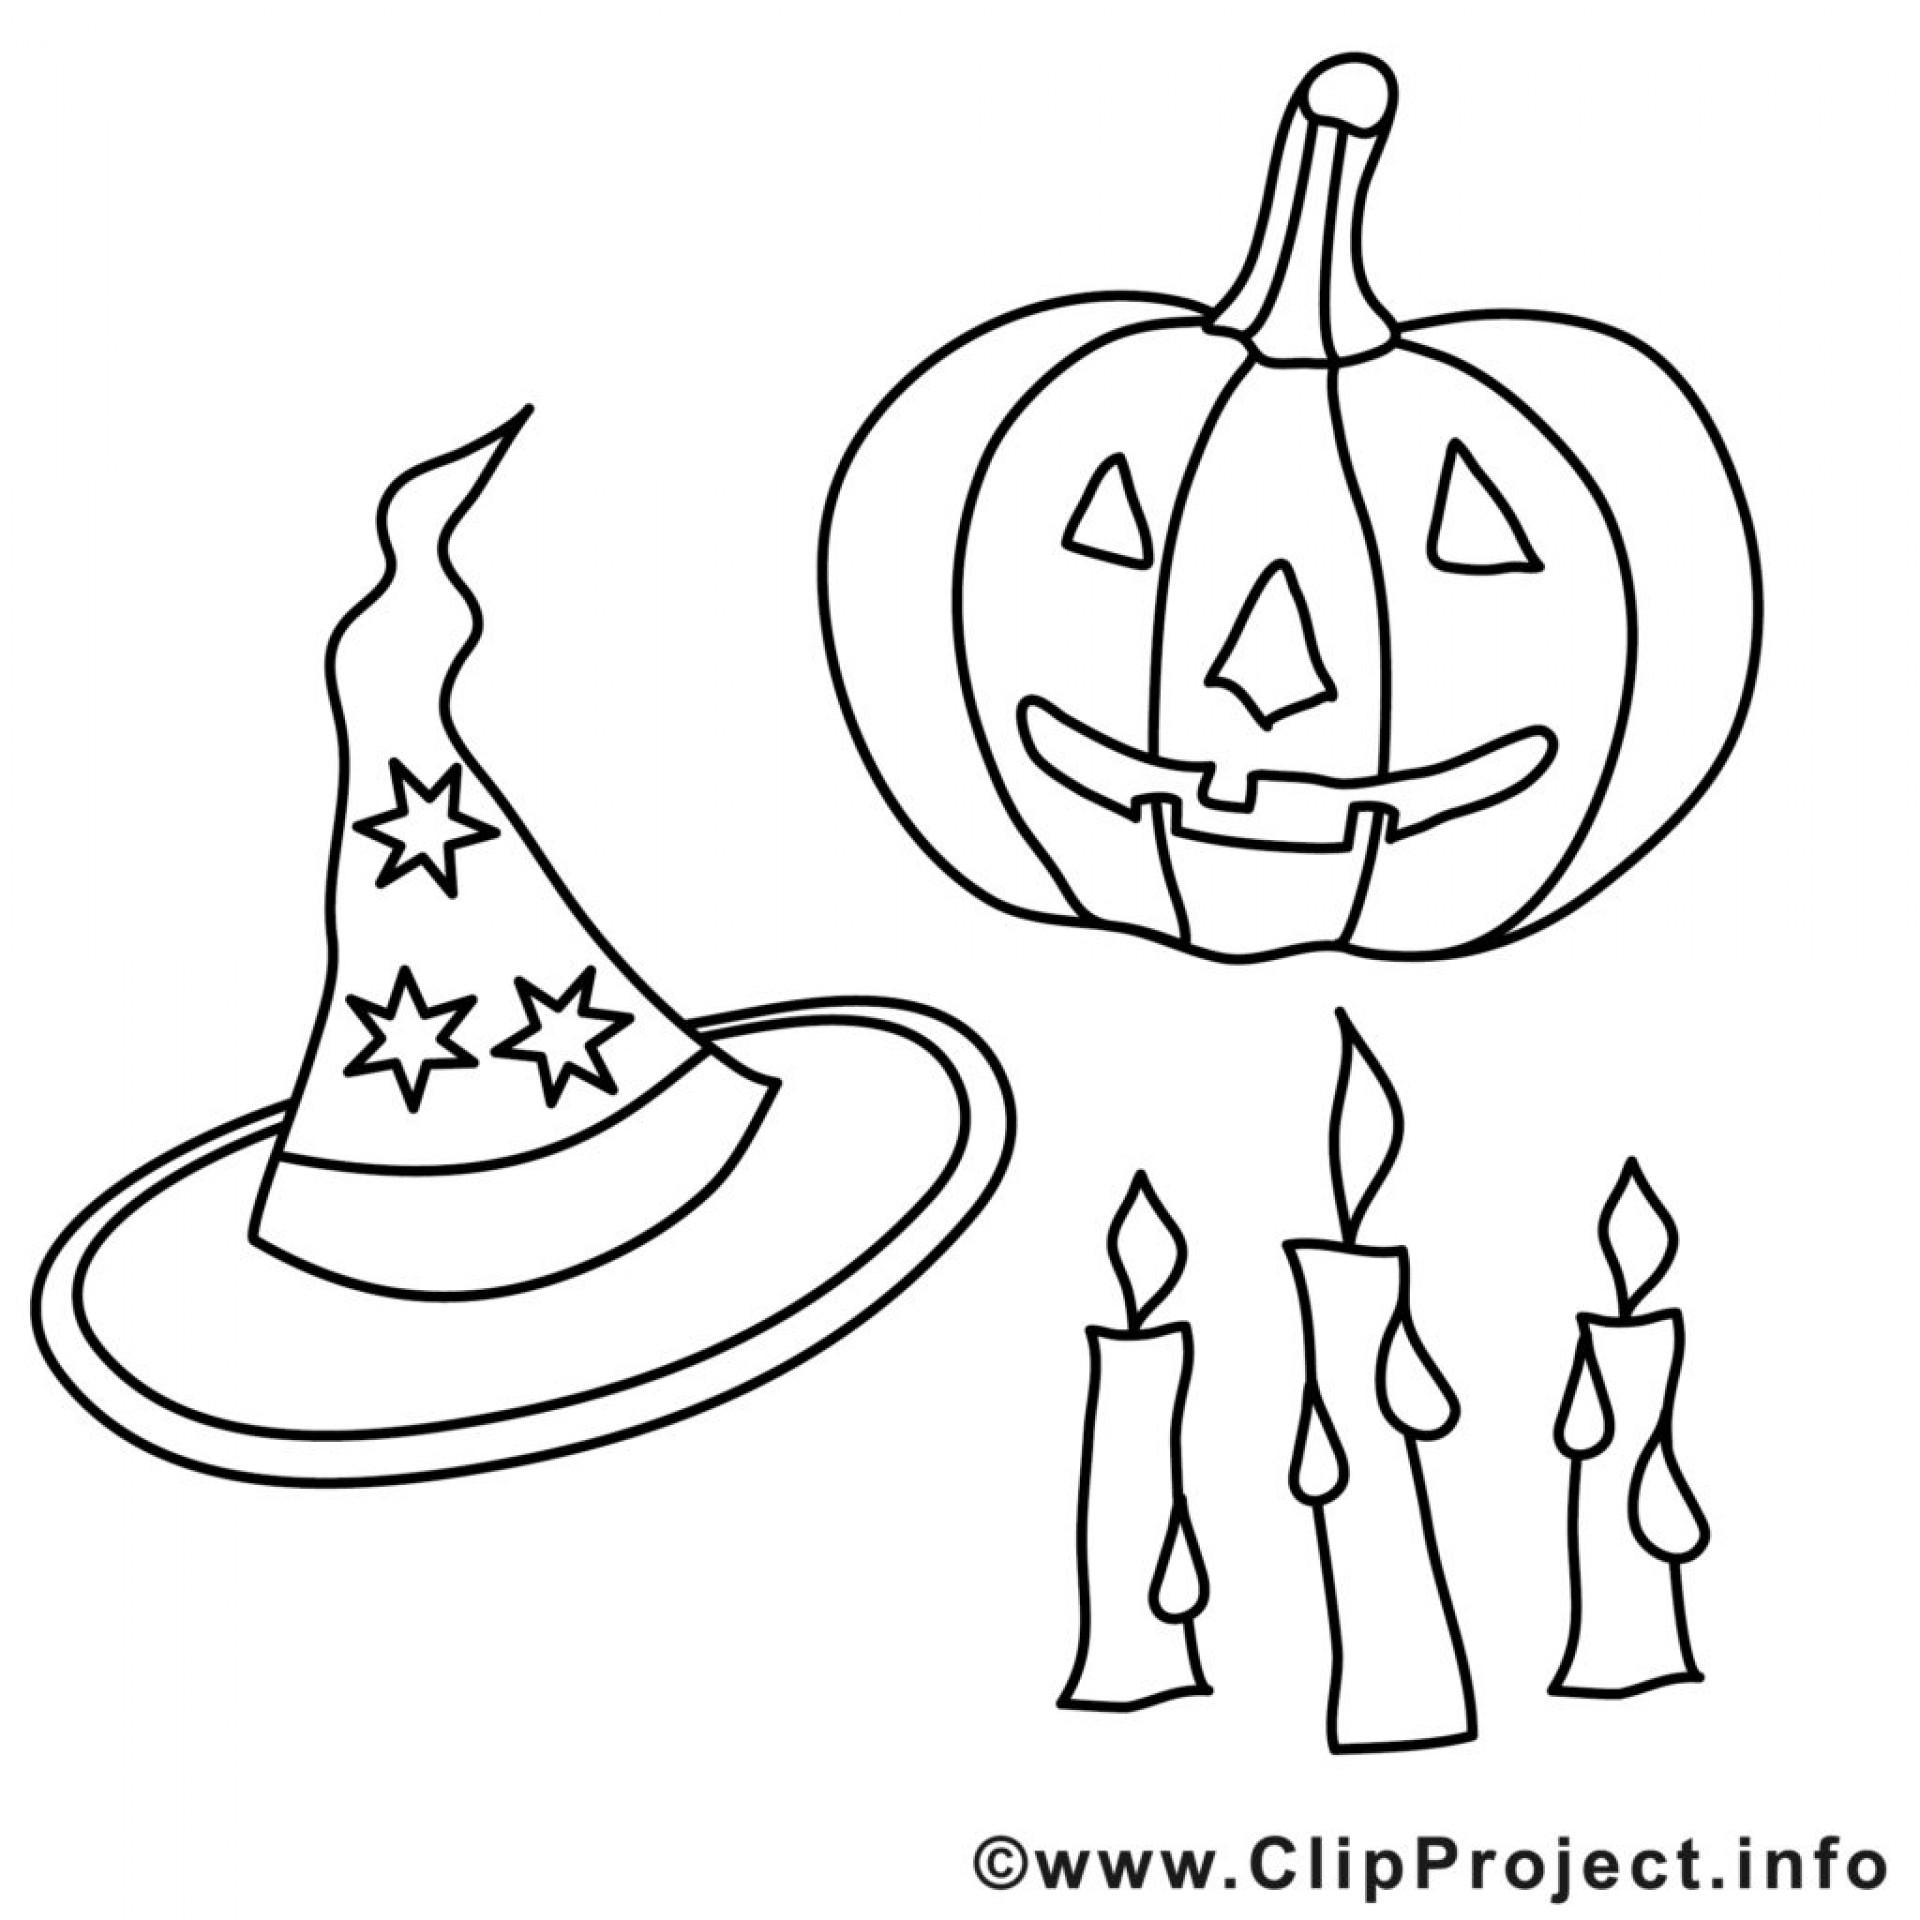 Kostenlose Halloween Malvorlagen Fur Kinder - Malvorlagen für Halloween Ausmalbilder Zum Ausdrucken